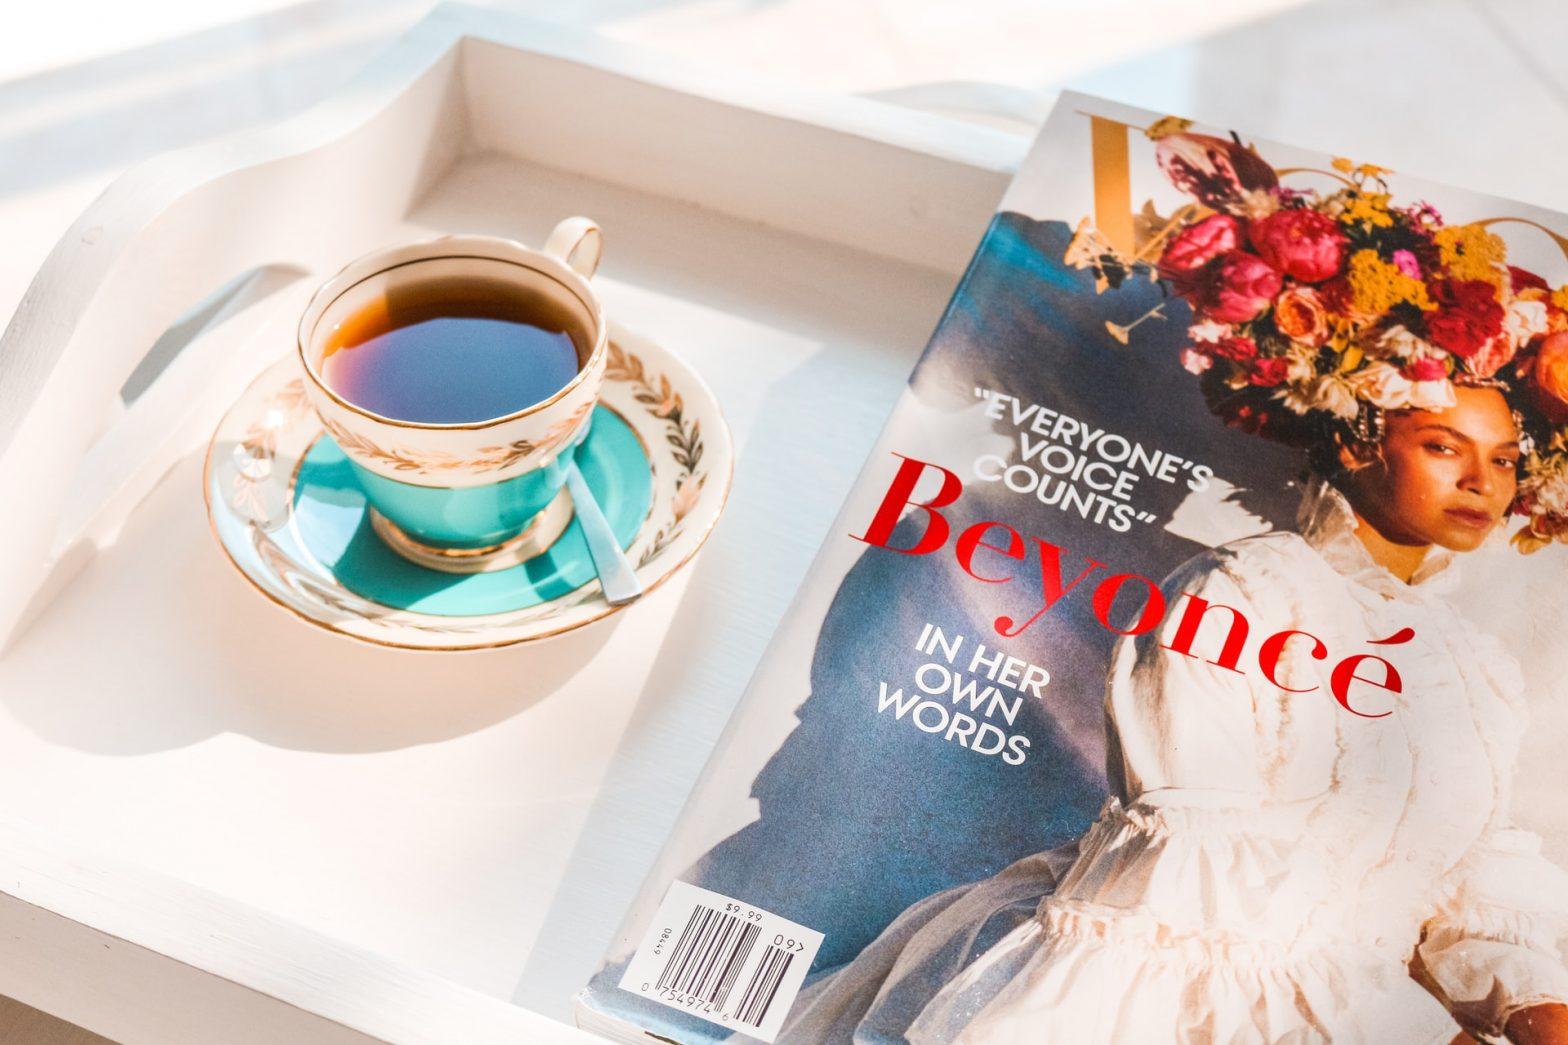 Copertina di Vogue con Beyoncé